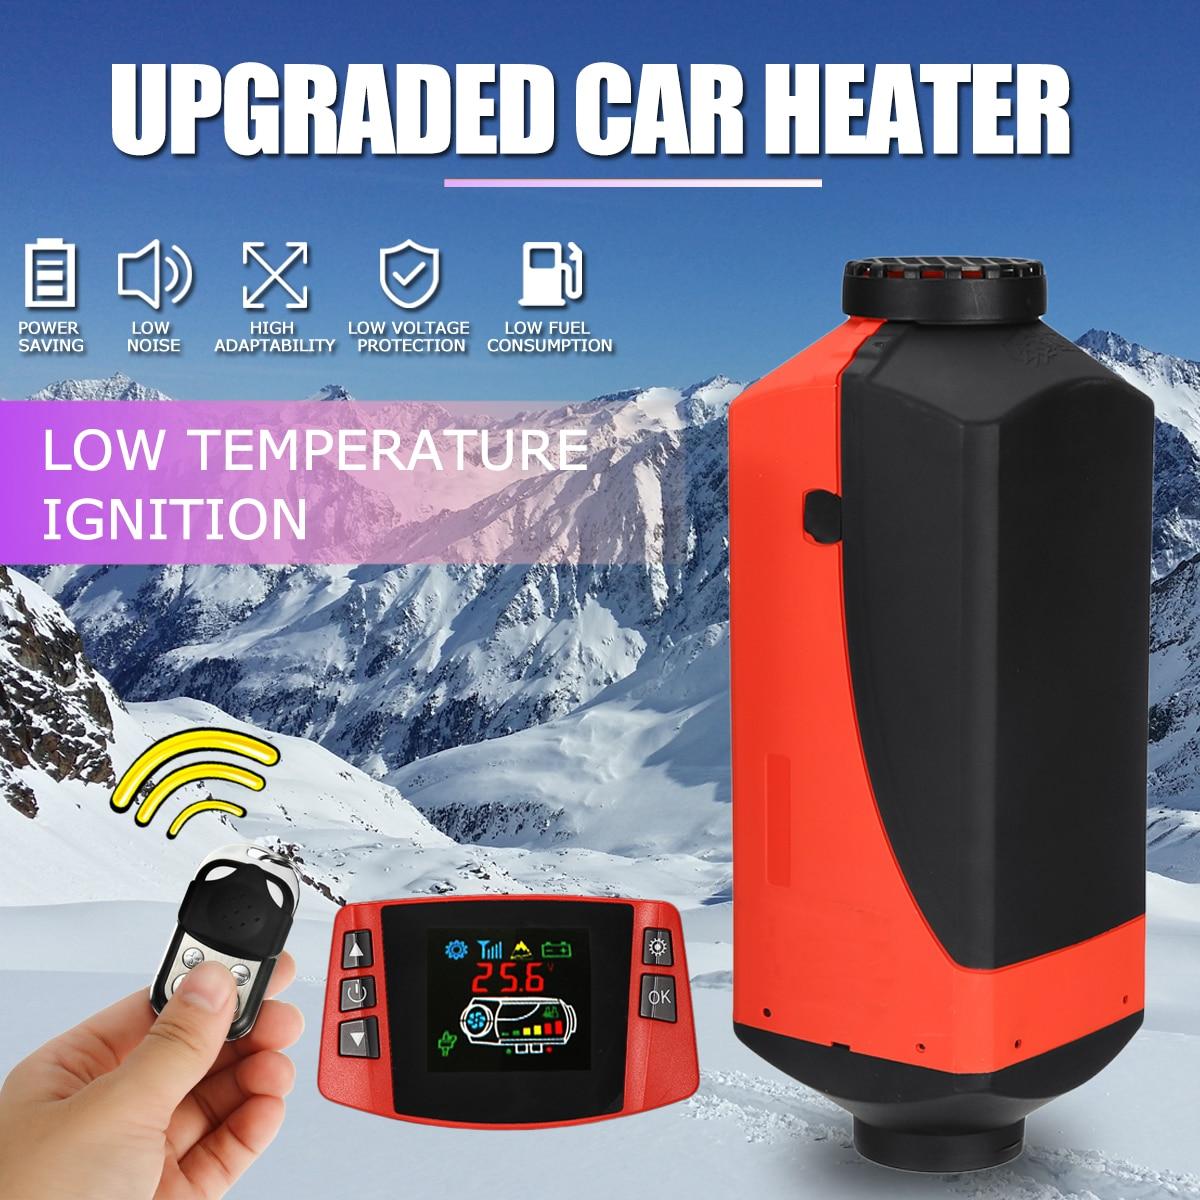 Calentador de aire diésel para coche de 12V y 8kW, calentador de coche con pantalla LCD y Control remoto, interruptor + silenciador para camiones, autobús, remolque y calentador